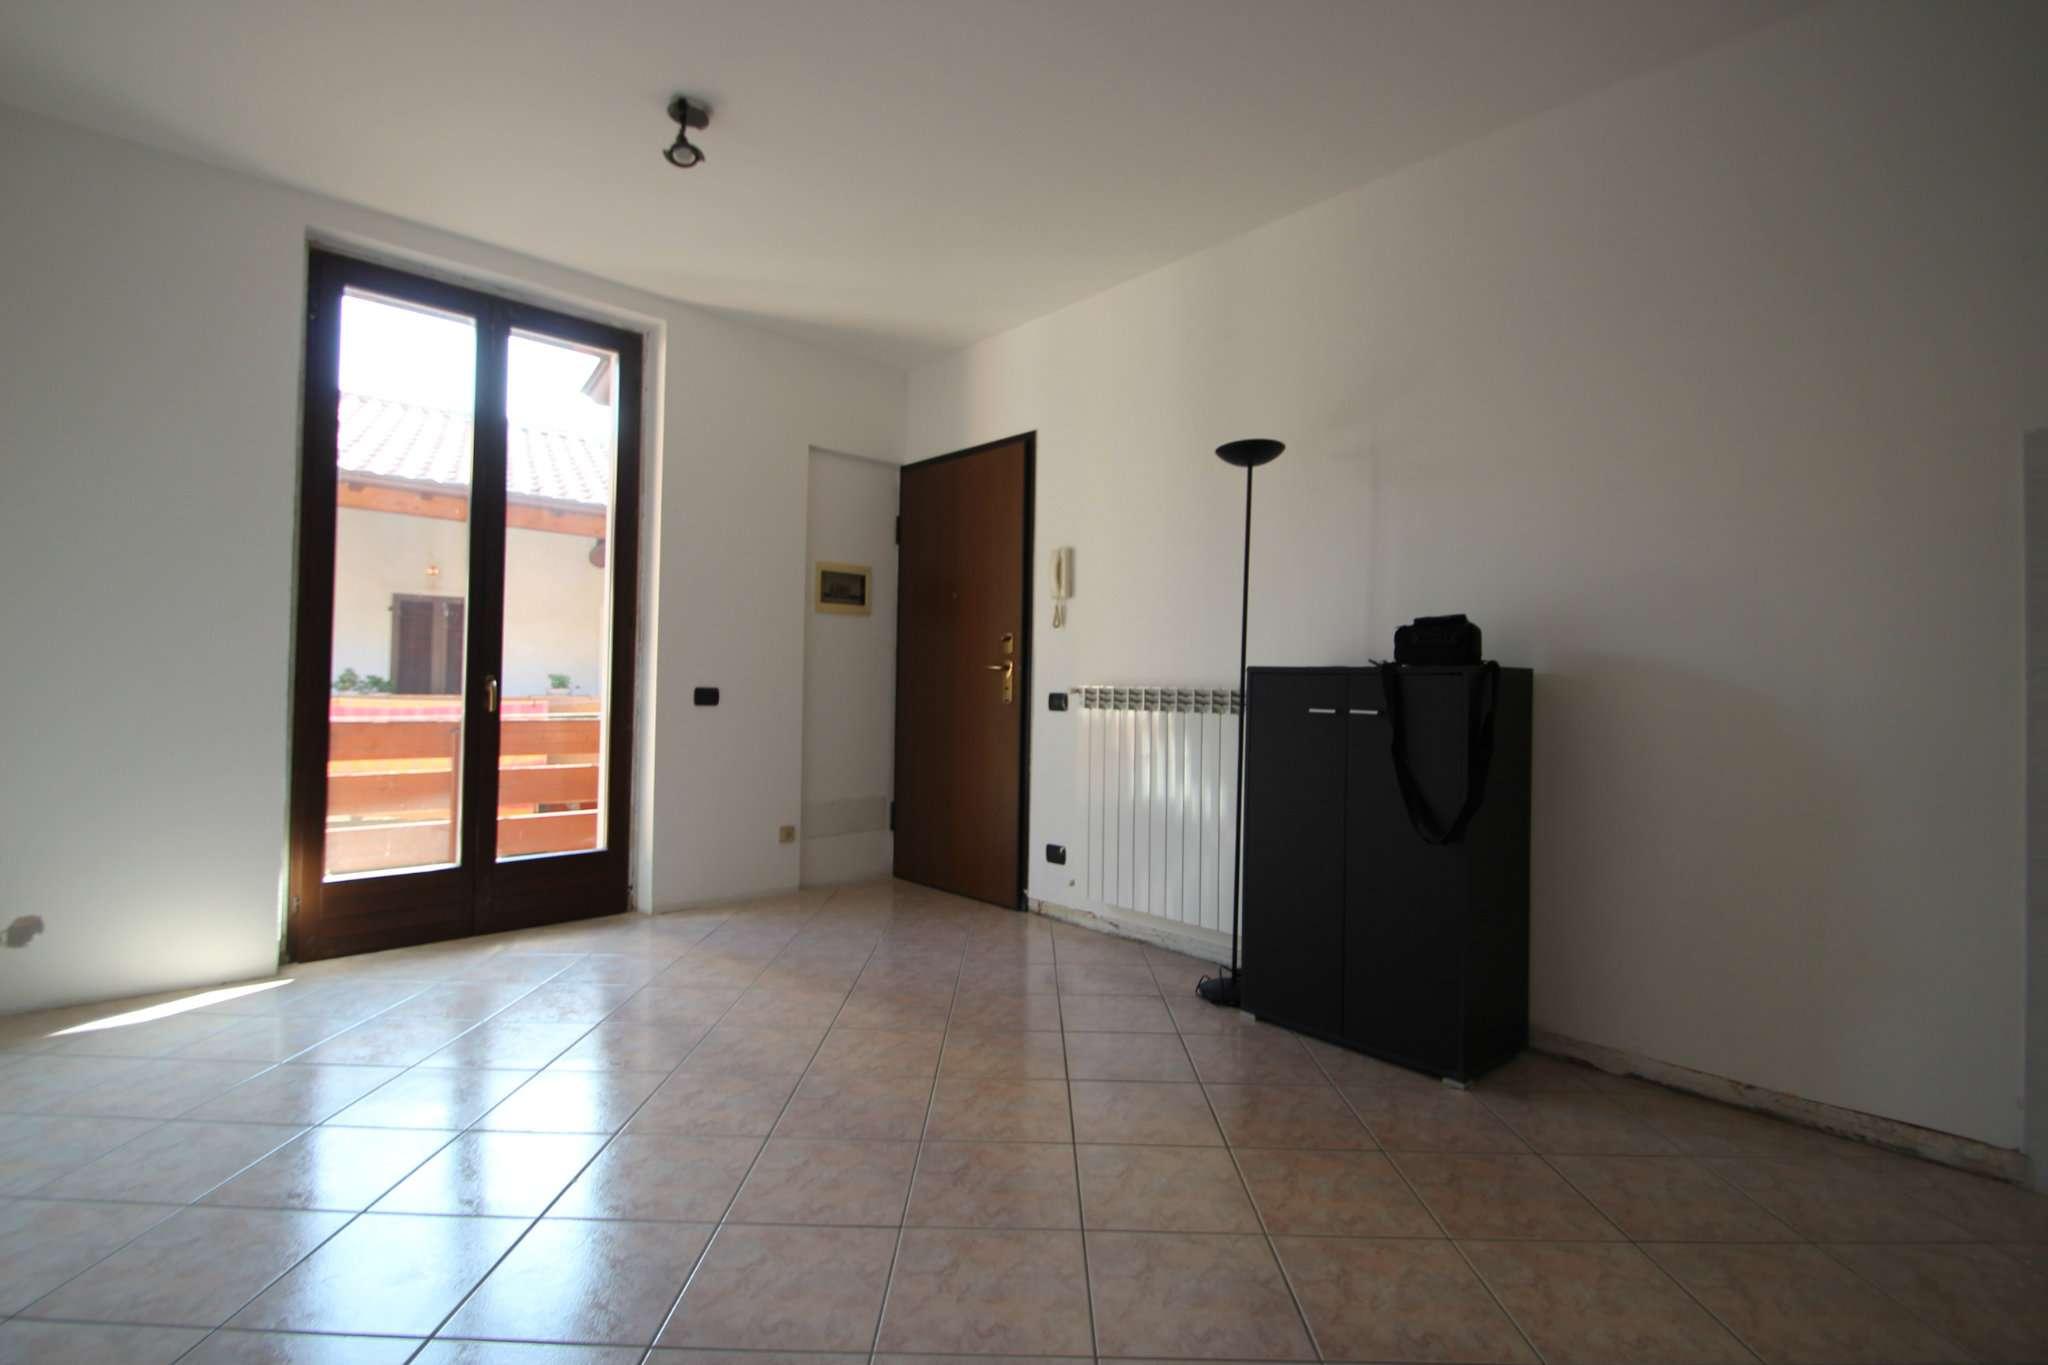 Appartamento in vendita a Bonate Sotto, 2 locali, prezzo € 71.000   PortaleAgenzieImmobiliari.it